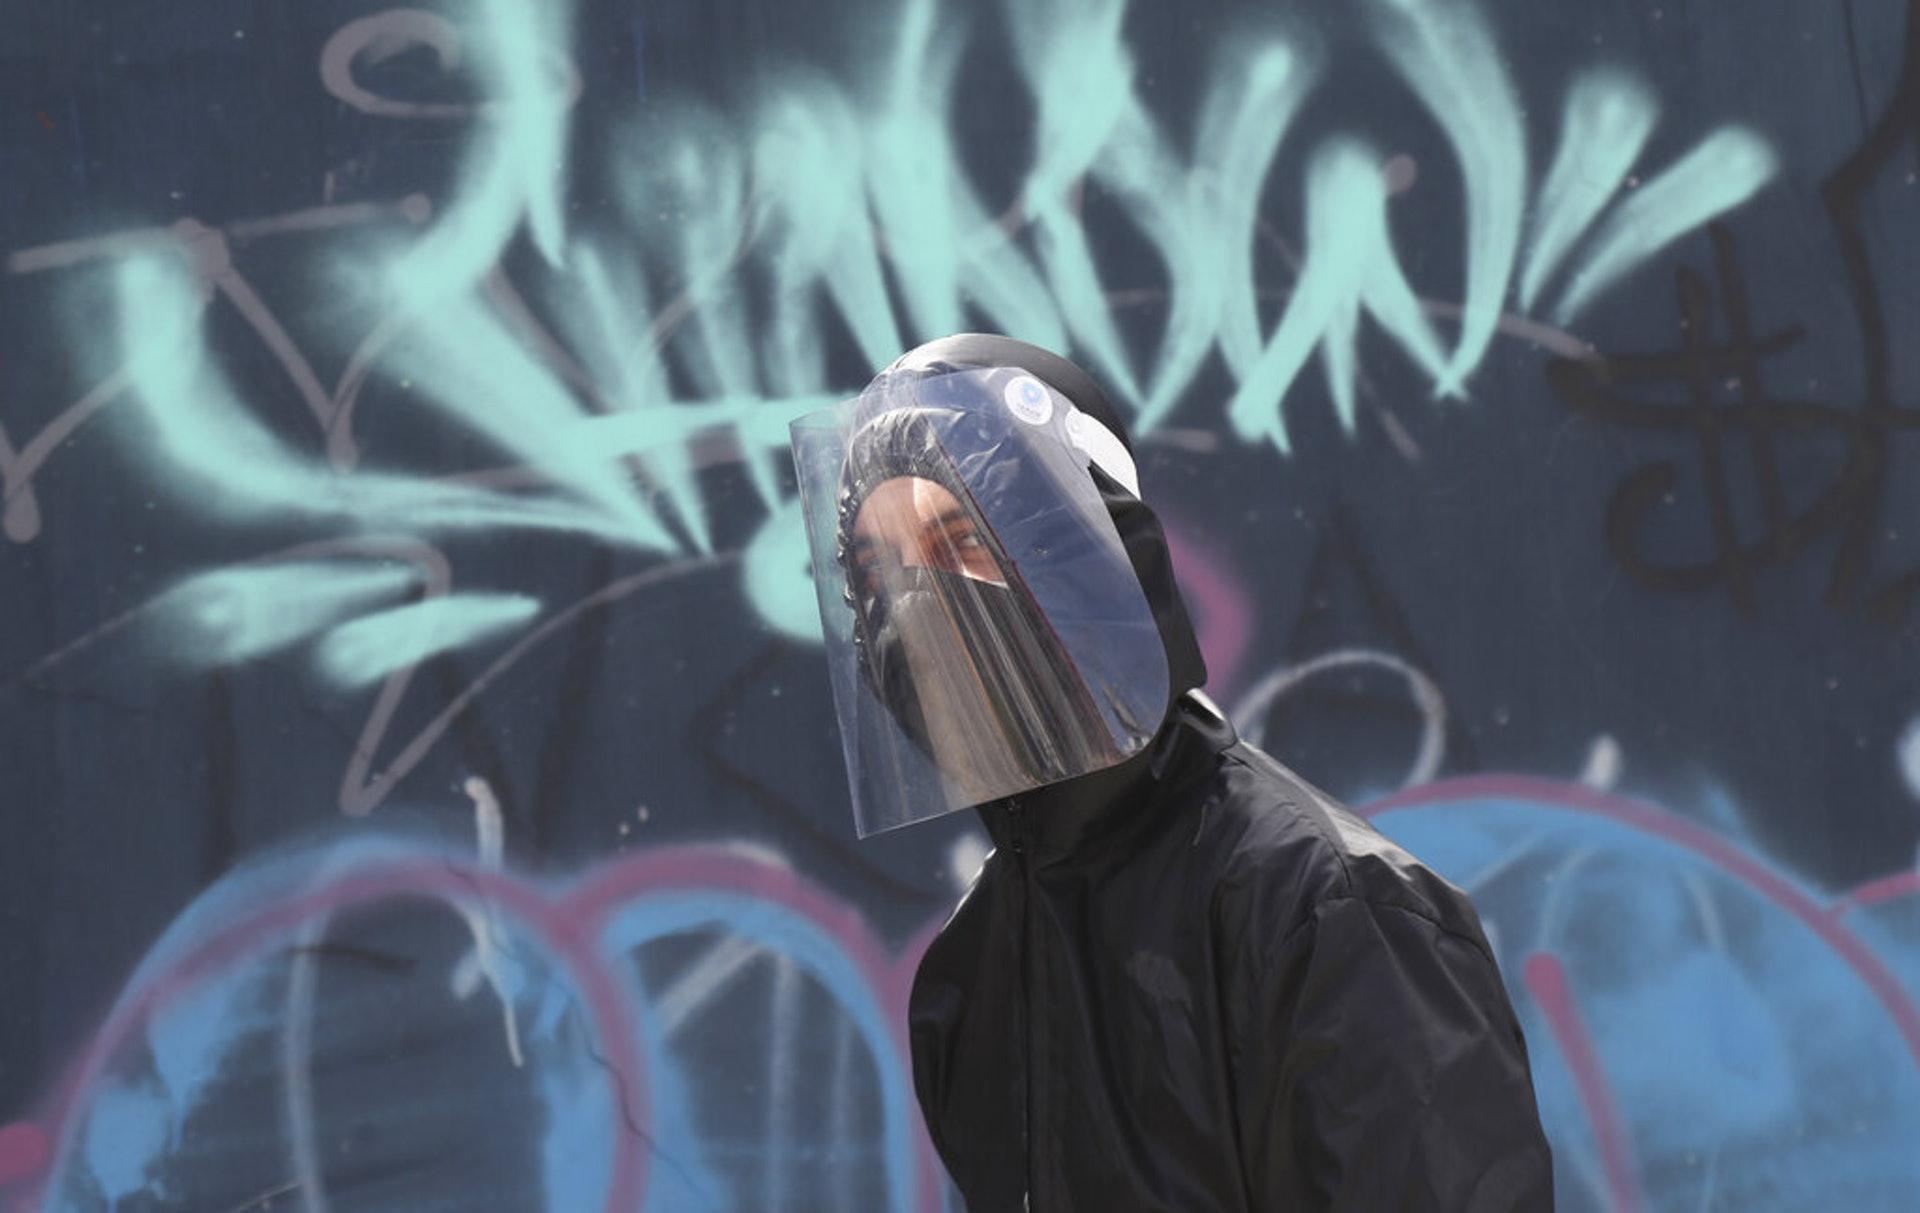 厄瓜多爾新冠疫情:圖為5月11日一名男子走在厄瓜多爾首都基多的街道上。(AP)